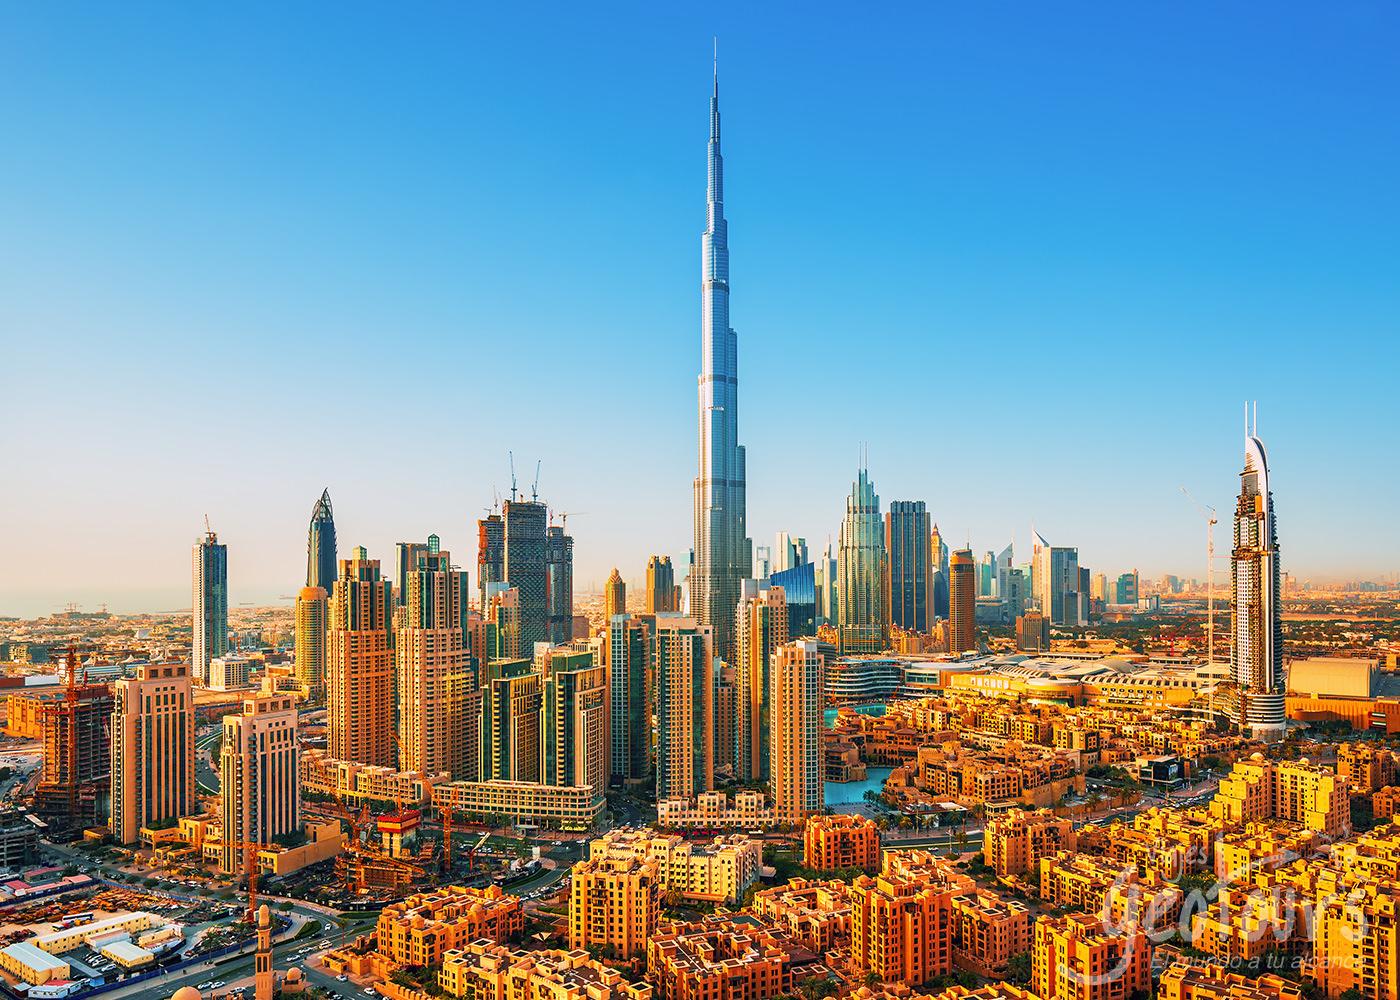 Viajes y Tours a Turquía y Dubái con Tiquetes 14 días